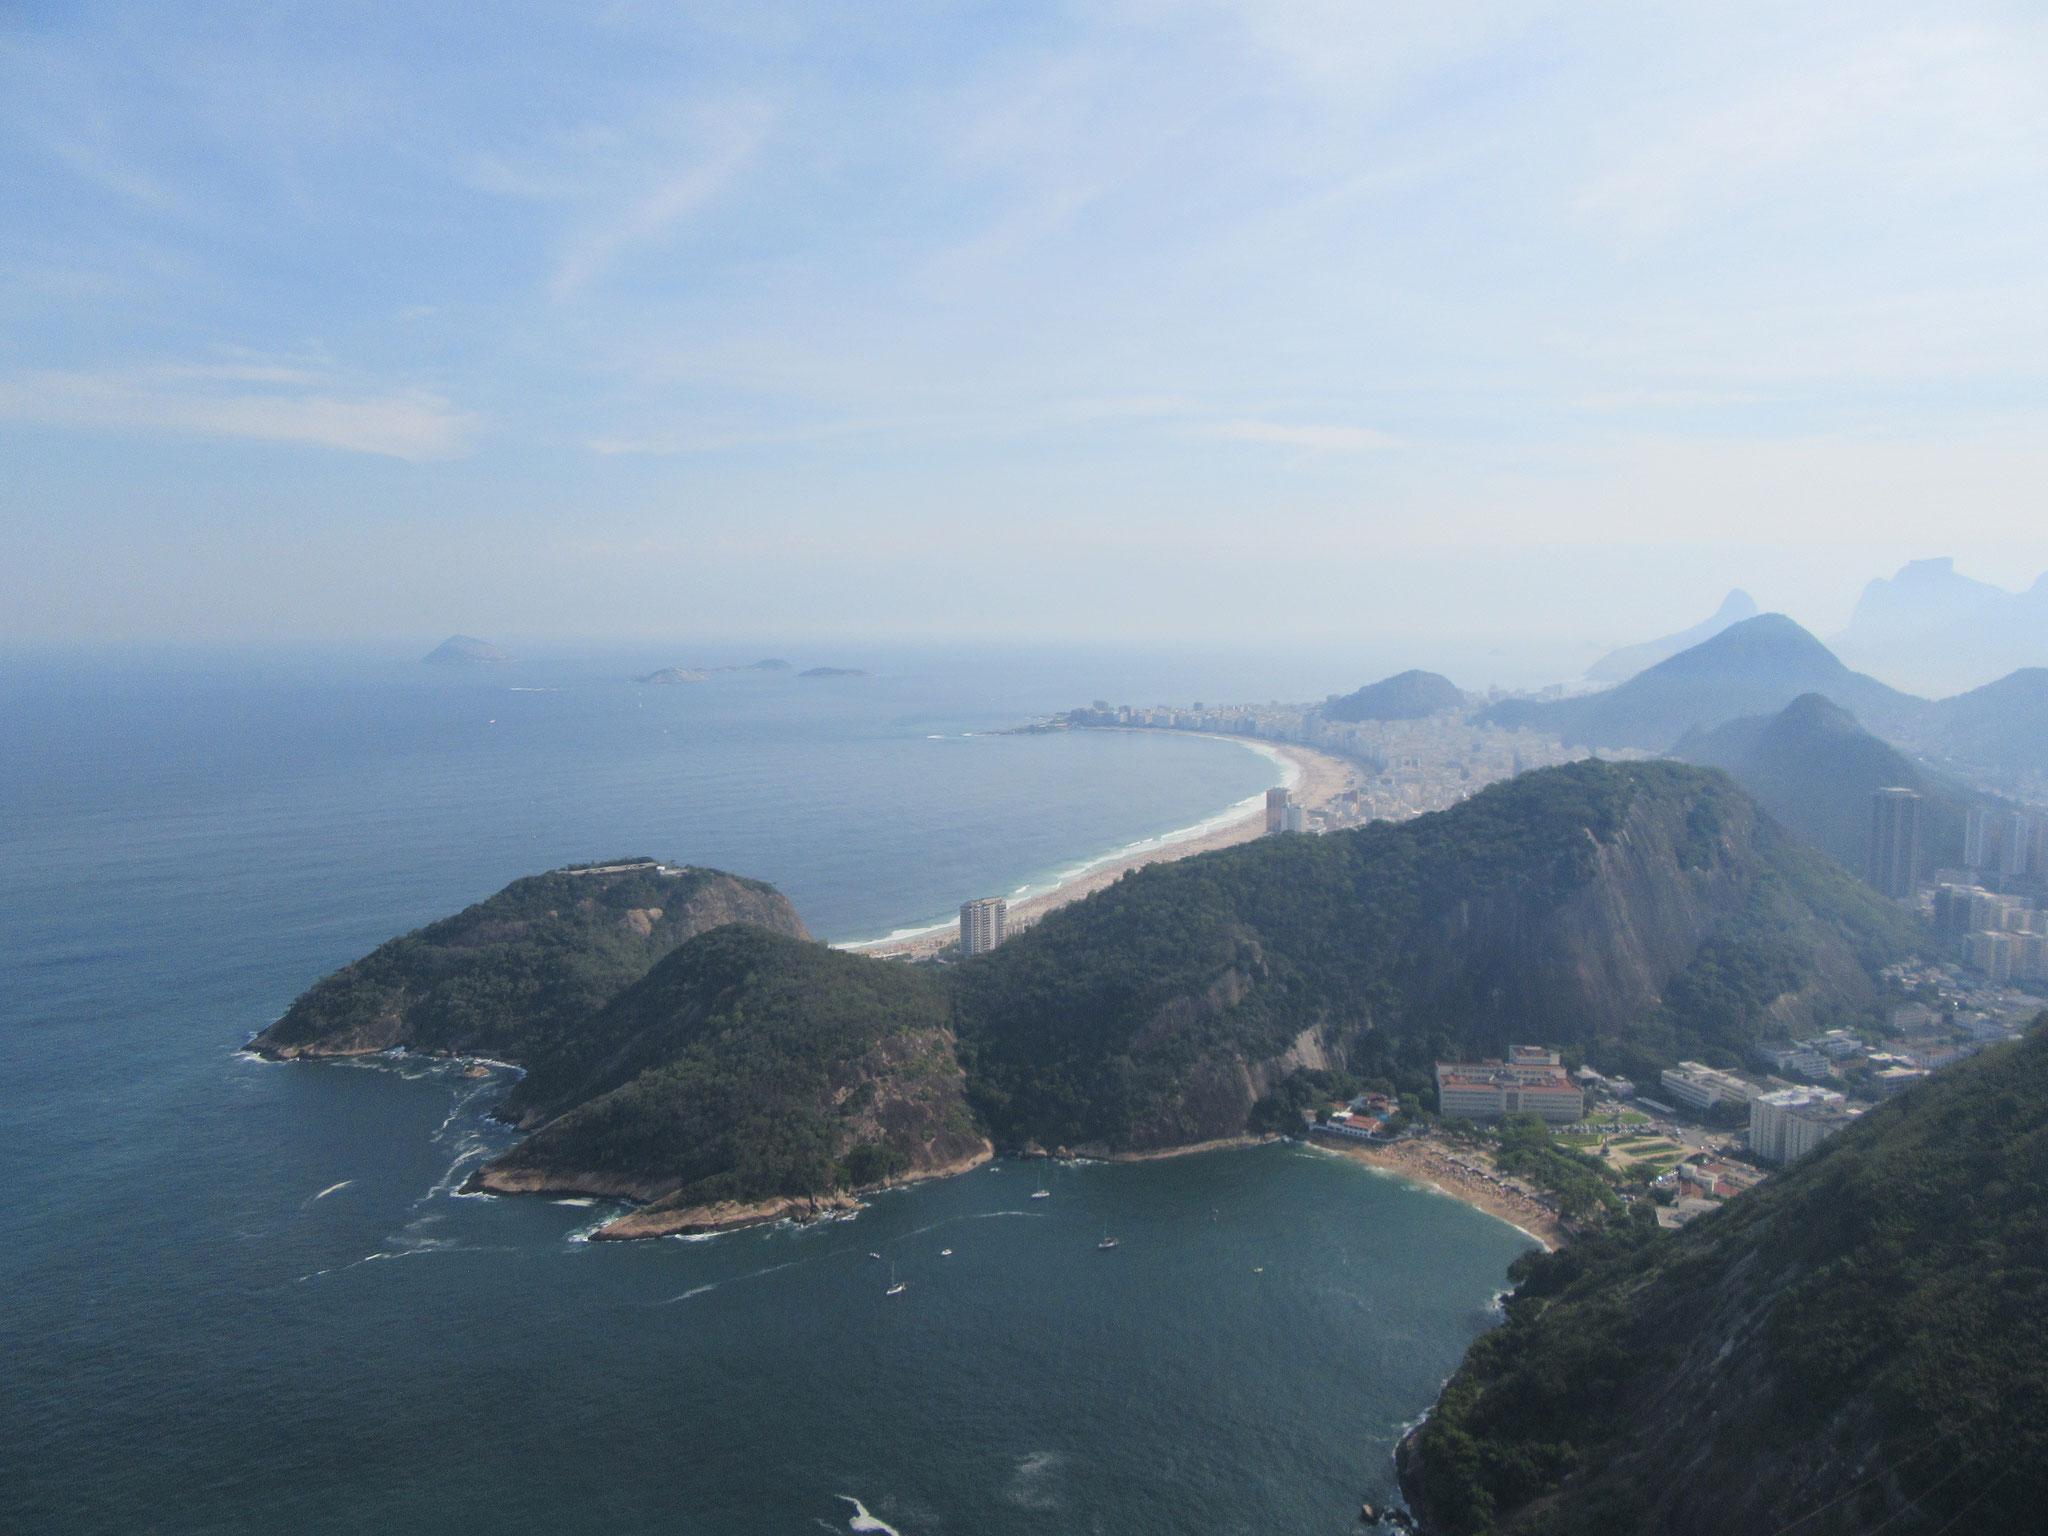 View from Sugarloaf Rio de Janeiro